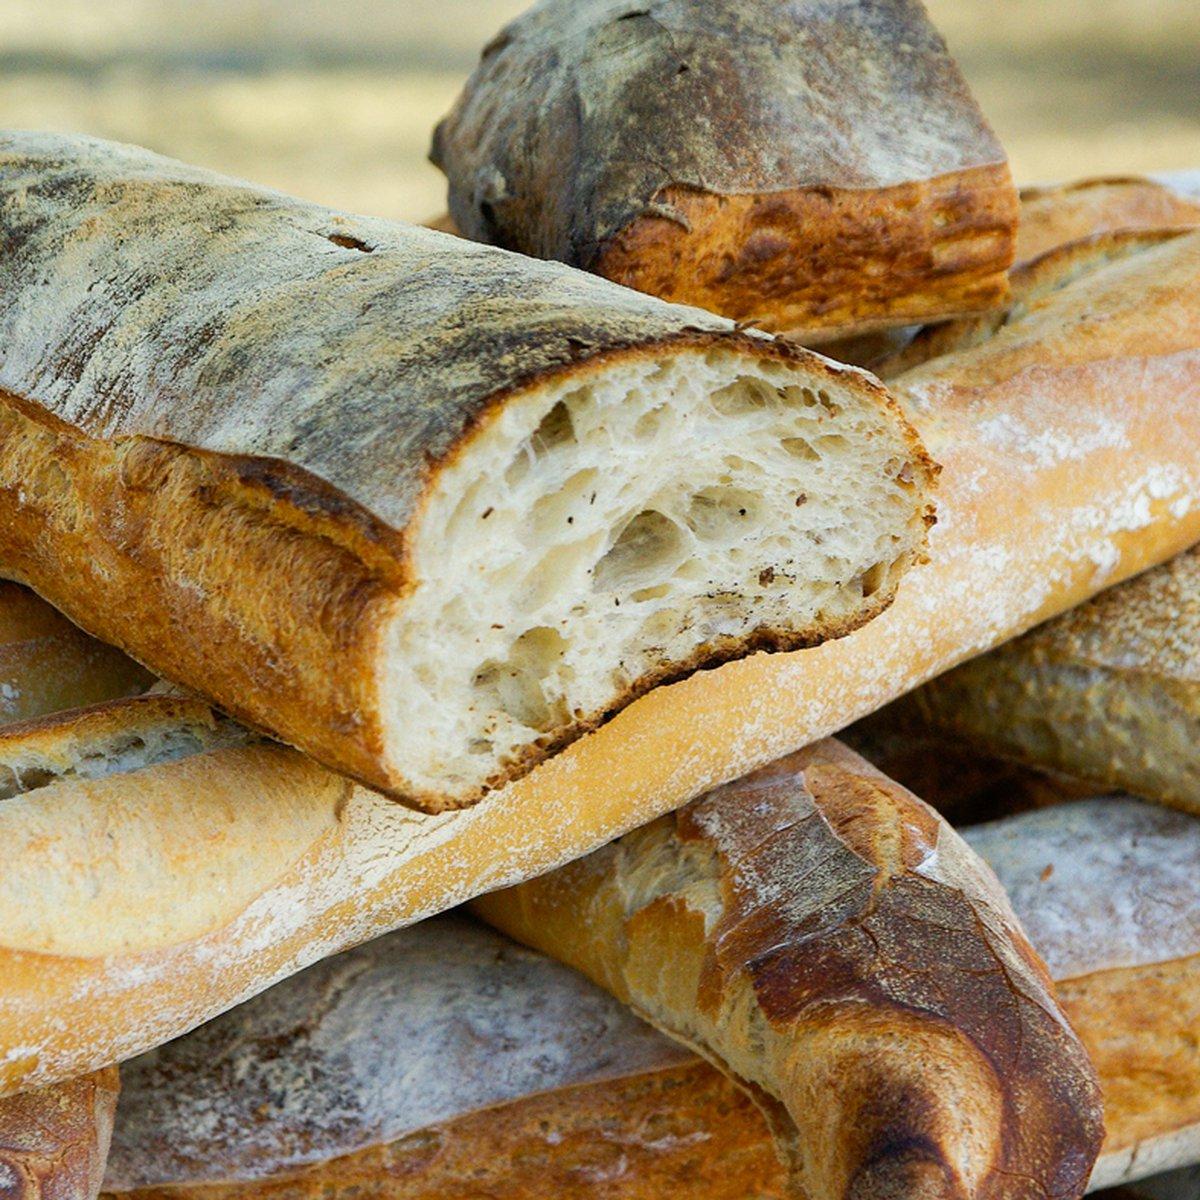 Image par defaut pour Boulangerie Utopie